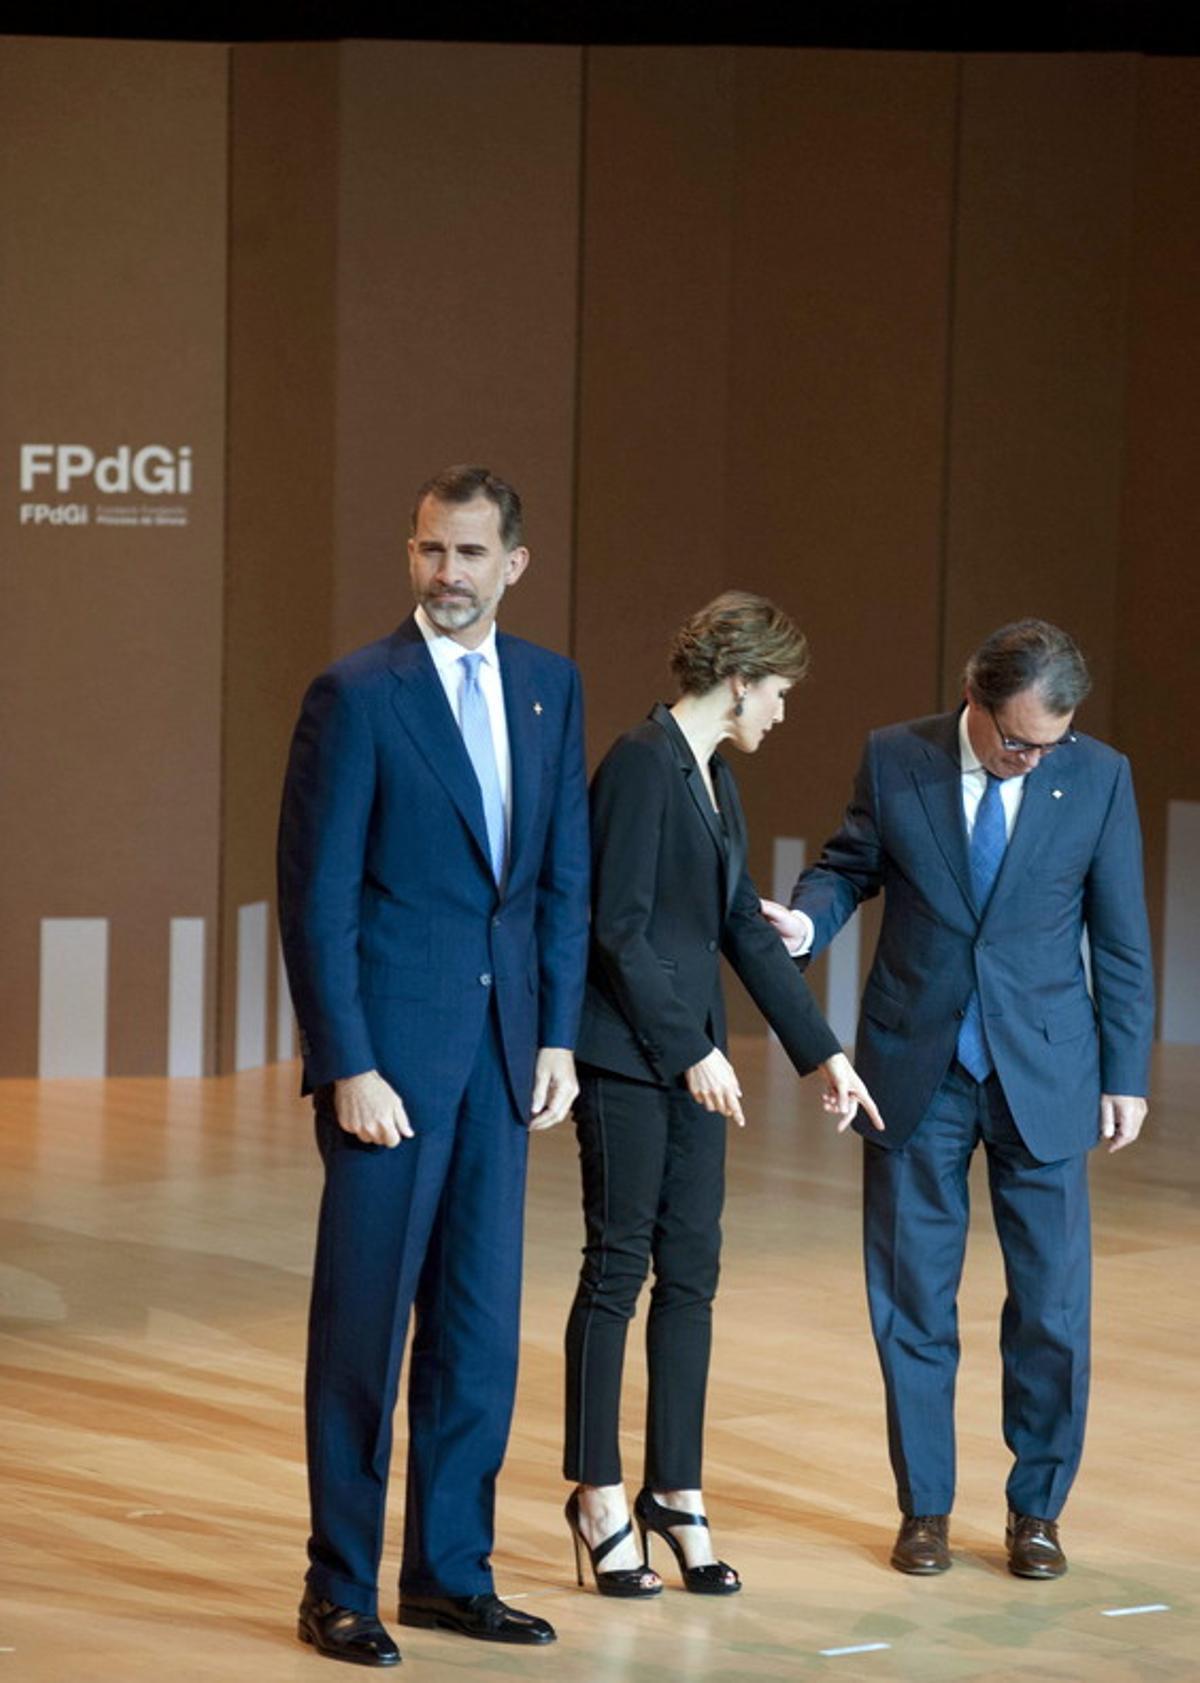 El rey Felipe VIy la reina Letizia, acompañados por el expresidente de la Generalitat, Artur Mas, en la entrega de los Premios Fundación Princesa de Girona 2015.